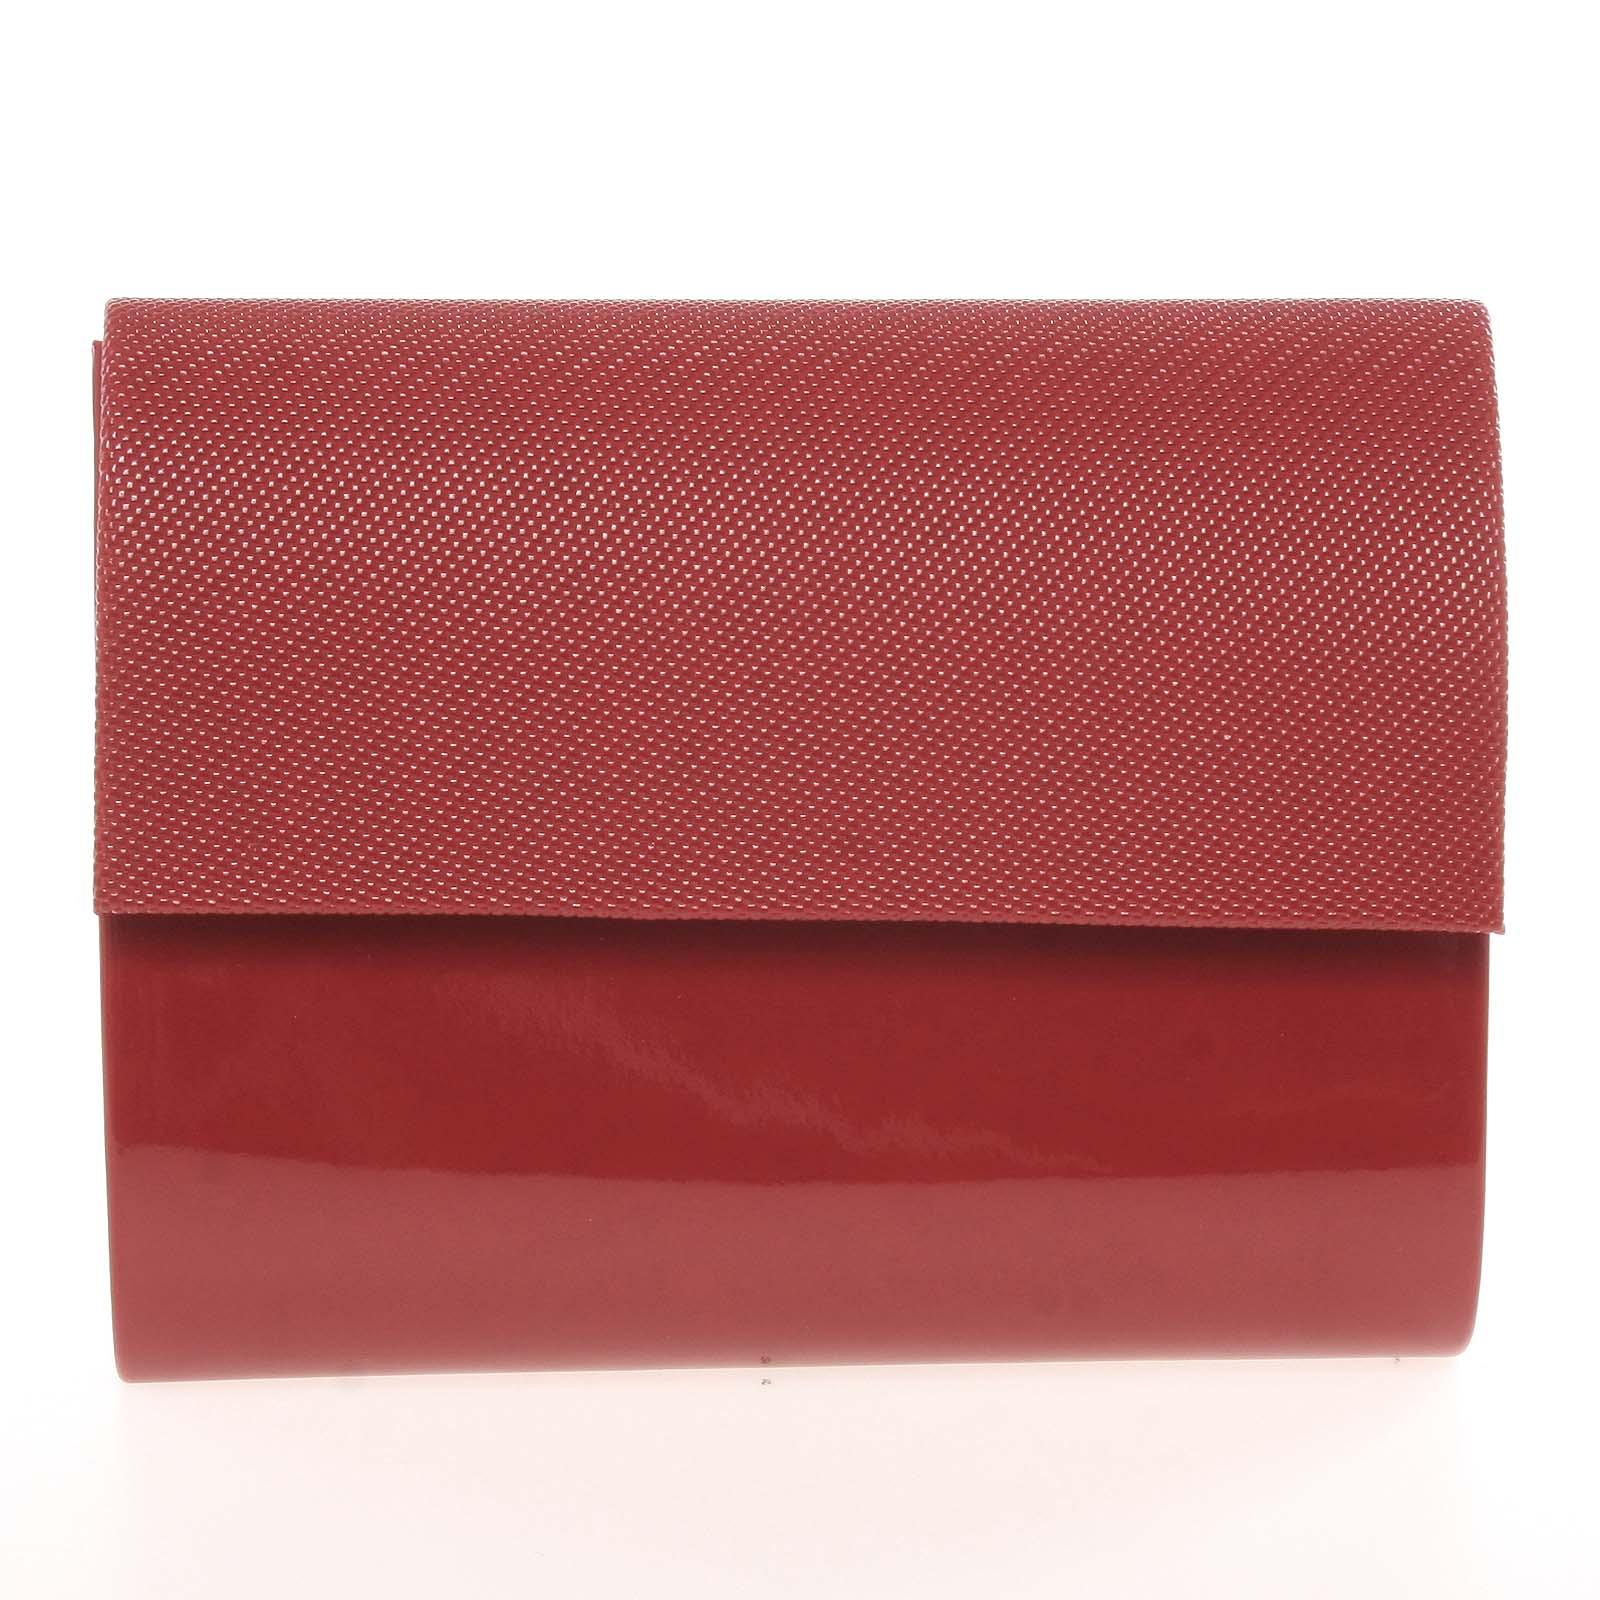 Stredná dámska elegantná listová kabelka vínová lesklá so vzorom - Delami Sandiego